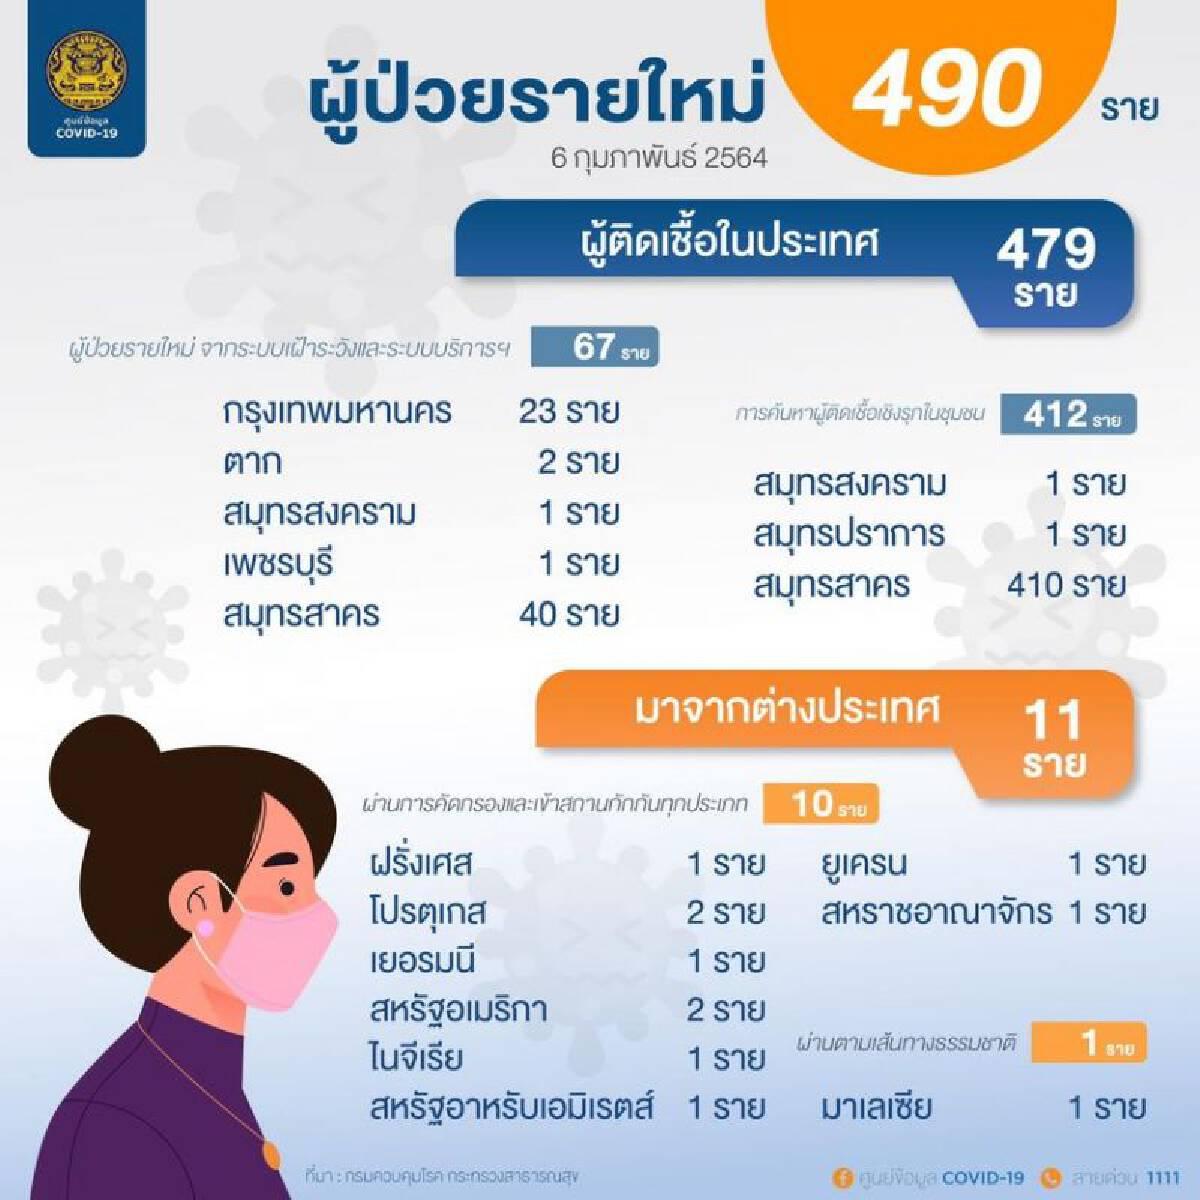 เปิดข้อมูลผู้ติดเชื้อโควิด-19 รายใหม่ 490 ราย